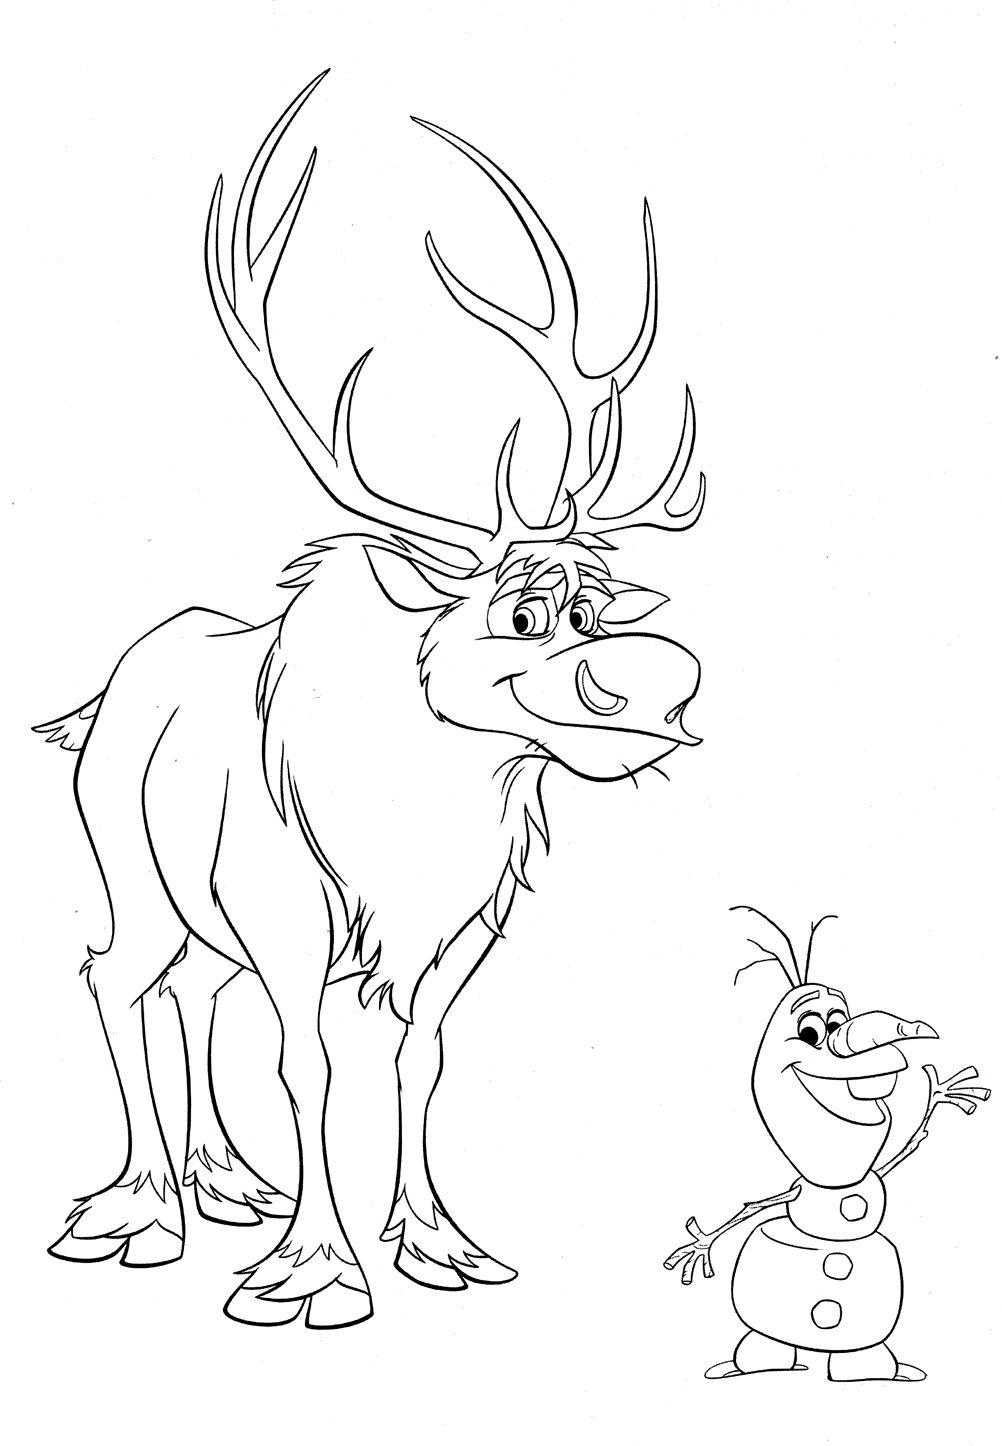 coloriages la reine des neiges imprimer sven et olaf - Coloriage Olaf Imprimer 2